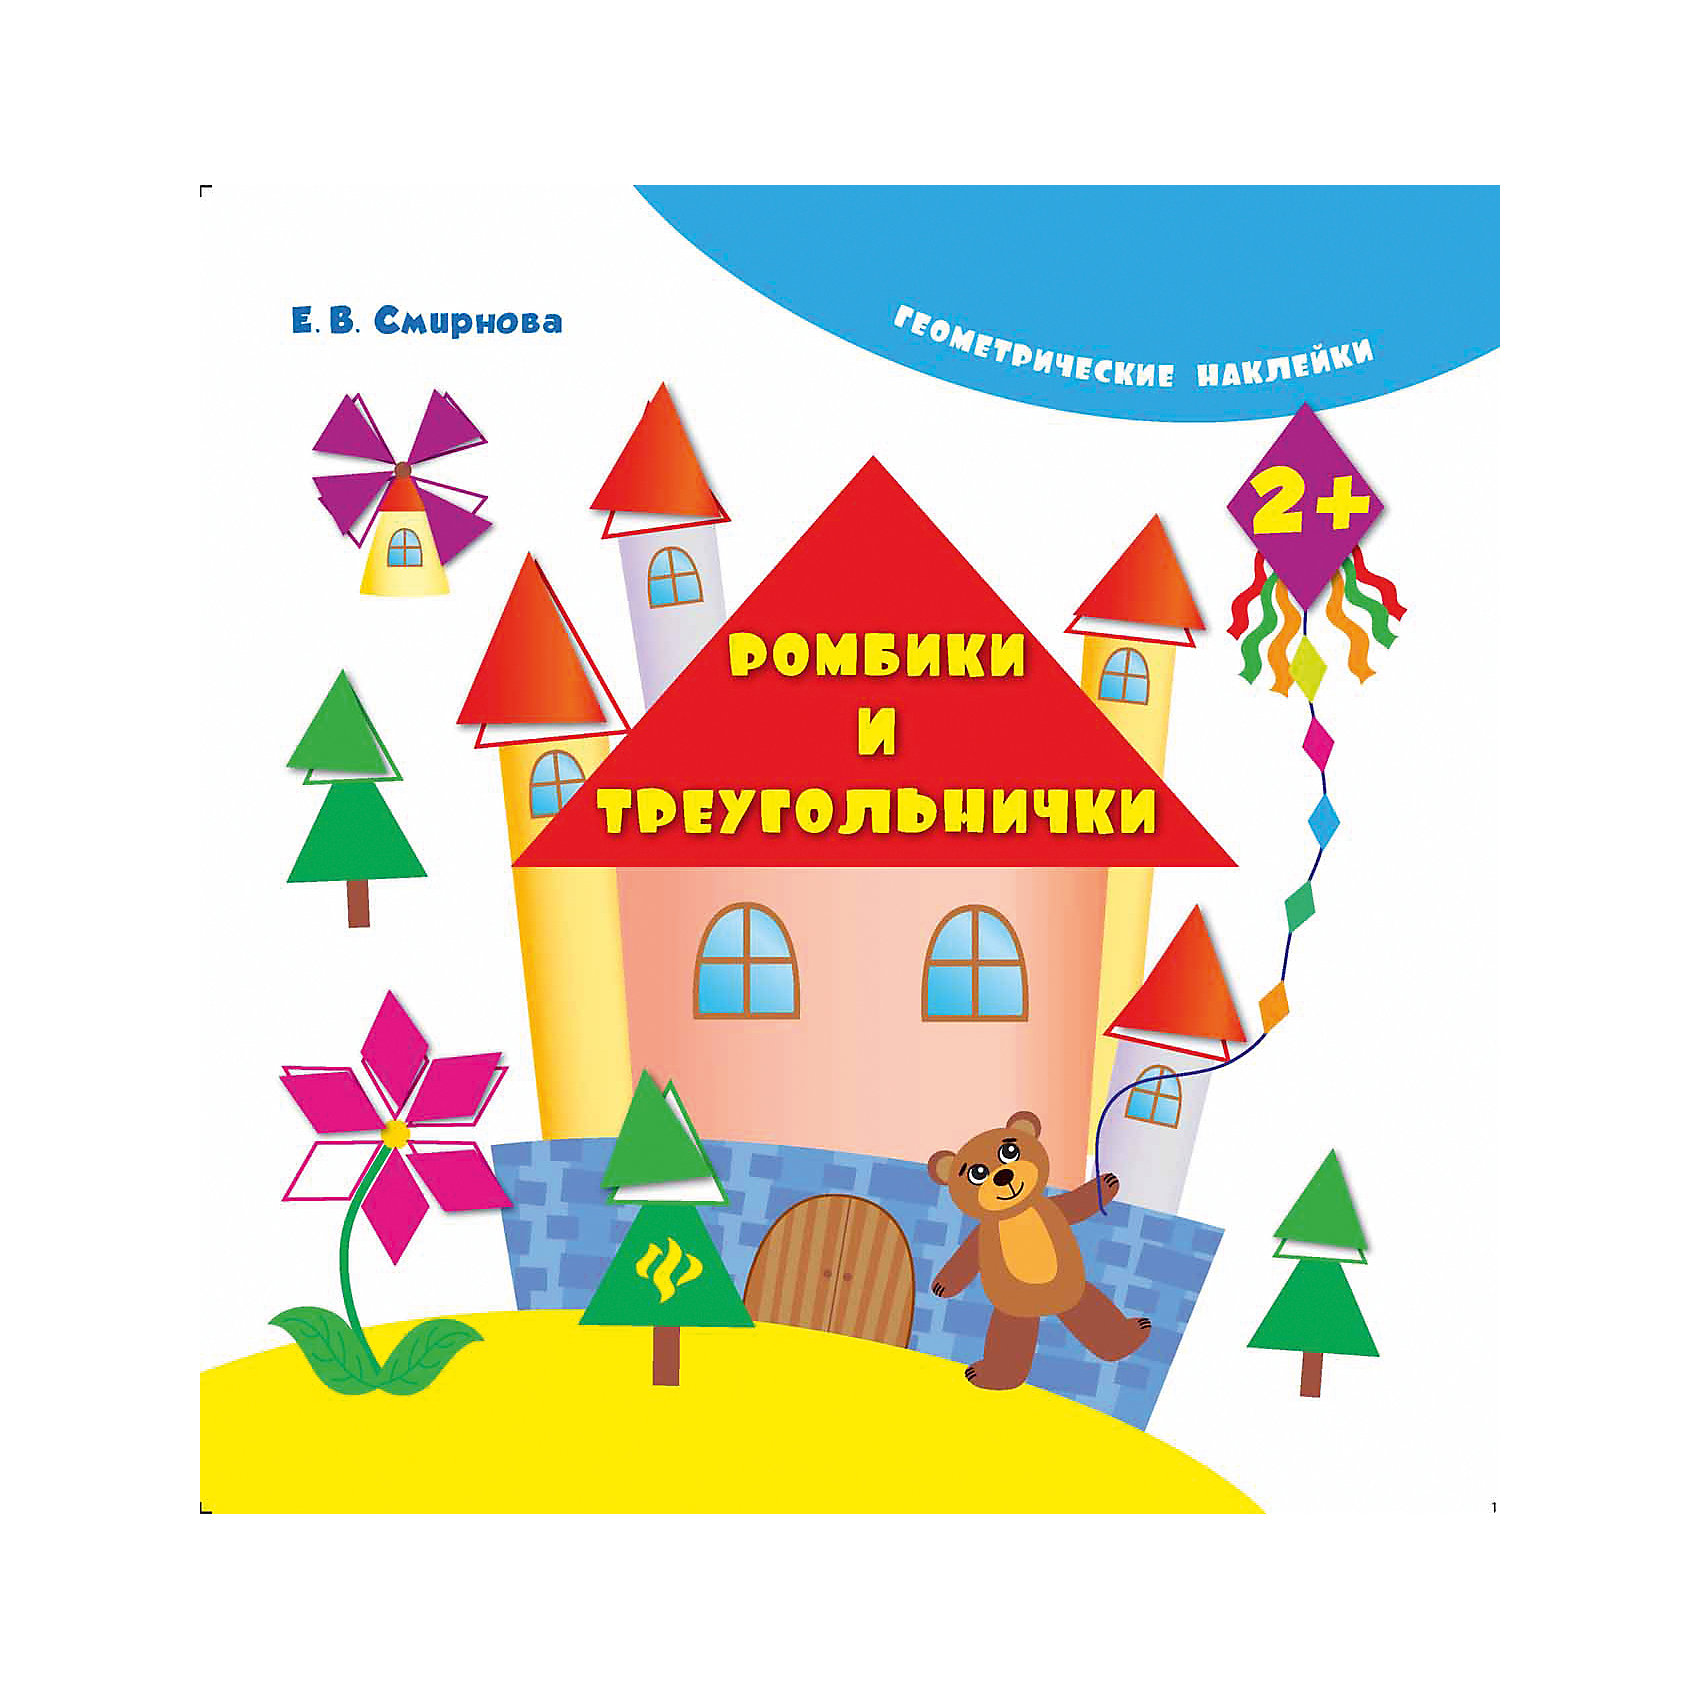 Ромбики и треугольничкиФеникс<br>Ромбики и треугольнички – эта красочная развивающая книга с геометрическими наклейками и веселыми заданиями для малышей.<br>Книга «Ромбики и треугольнички» познакомит детей с такими геометрическими формами, как ромб и треугольник. Каждая страница книги это красочный рисунок, на котором есть белые места в виде ромбов и треугольников. На эти места ребенку предлагается наклеить наклейки соответствующей формы. Например, нужно наклеить крыши домам, паруса лодкам, чешуйки рыбе. При выборе наклейки можно ориентироваться на контур фигуры, который для подсказки сделан цветным. Наклейки расположены на отдельном развороте. Выполняя несложные и веселые задания, ваш малыш запомнит названия фигур, научится узнавать их на рисунках и среди окружающих предметов, различать по форме и цвету. Кроме того, наклеивание небольших по размеру элементов приучает малышей к аккуратности и развивает мелкую моторику кисти, что позитивно влияет на развитие речи.<br><br>Дополнительная информация:<br><br>- Автор: Смирнова Екатерина Васильевна<br>- Художник: Смирнова Екатерина Васильевна<br>- Редактор: Зиновьева Л. А.<br>- Издательство: Феникс-Премьер<br>- Серия: Геометрические наклейки<br>- Тип обложки: мягкий переплет (крепление скрепкой или клеем)<br>- Оформление: с наклейками<br>- Иллюстрации: цветные<br>- Количество страниц: 8 (мелованная)<br>- Размер: 215x214x2 мм.<br>- Вес: 58 гр.<br><br>Книга «Ромбики и треугольнички» - это издание, предназначенное для совместной работы родителей с детьми возрастом от двух лет.<br><br>Книгу «Ромбики и треугольнички» можно купить в нашем интернет-магазине.<br><br>Ширина мм: 215<br>Глубина мм: 1<br>Высота мм: 215<br>Вес г: 58<br>Возраст от месяцев: 36<br>Возраст до месяцев: 60<br>Пол: Унисекс<br>Возраст: Детский<br>SKU: 4994807